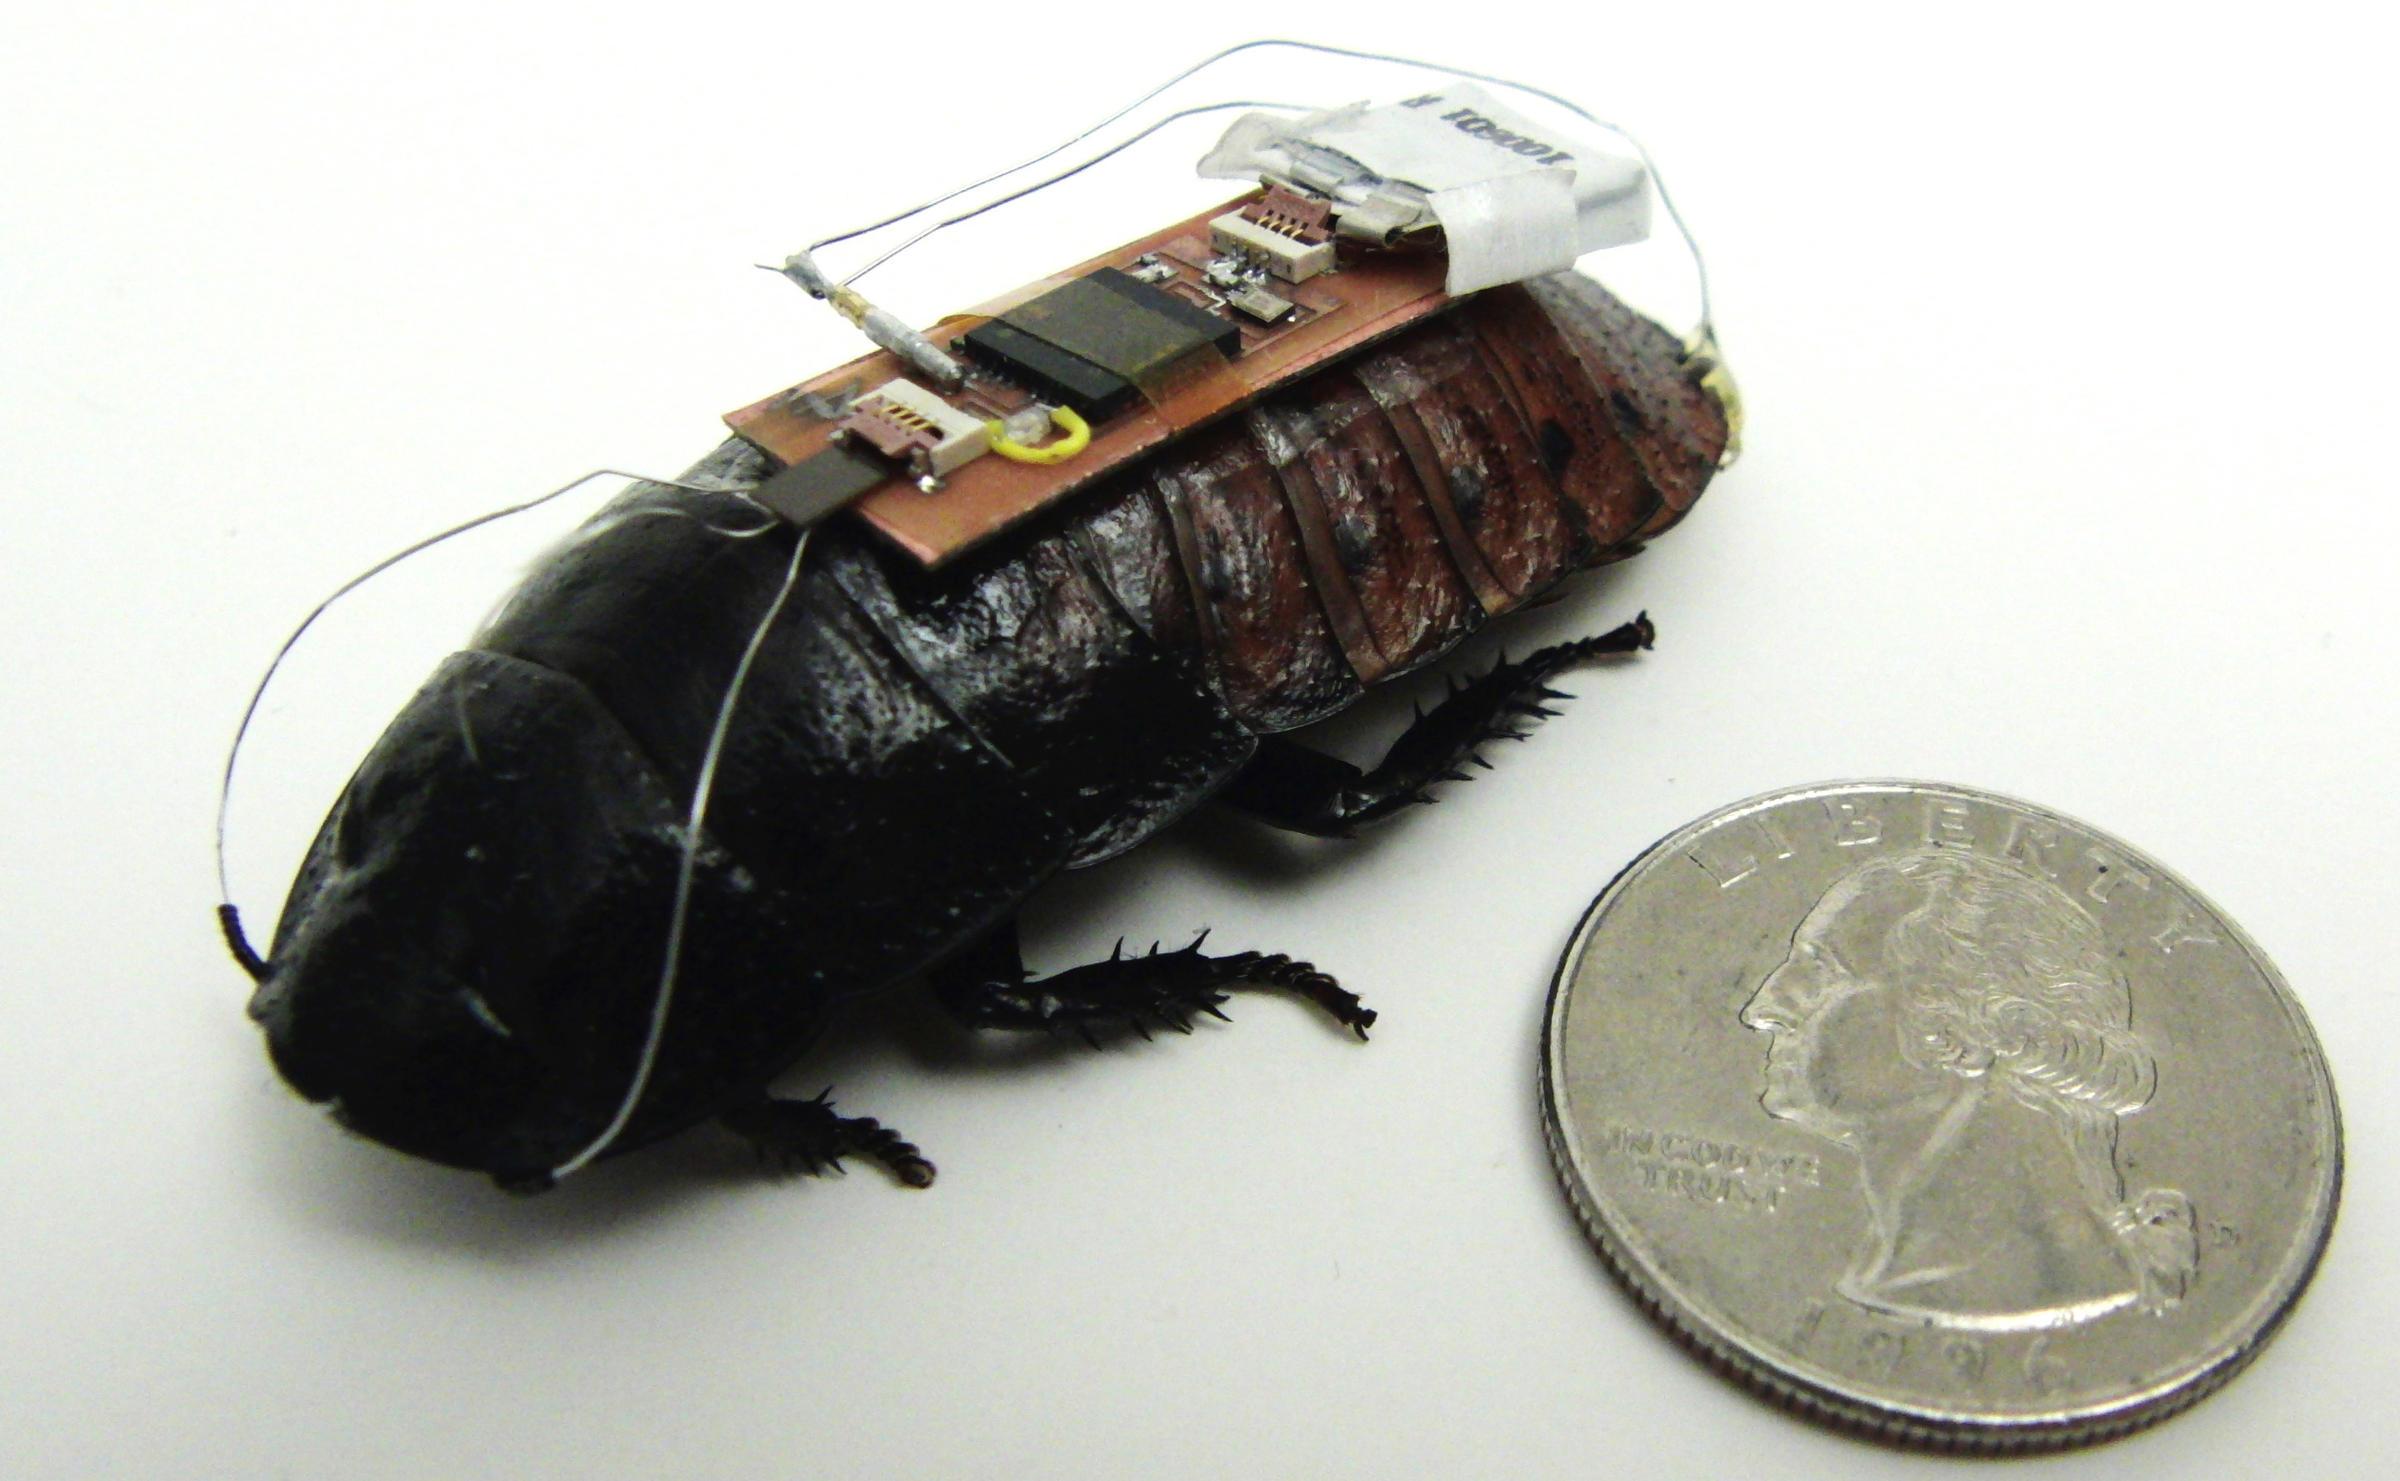 Будущее шпионажа. Беспроводная видеокамера на спине жука транслирует видео на 120 метров - 2